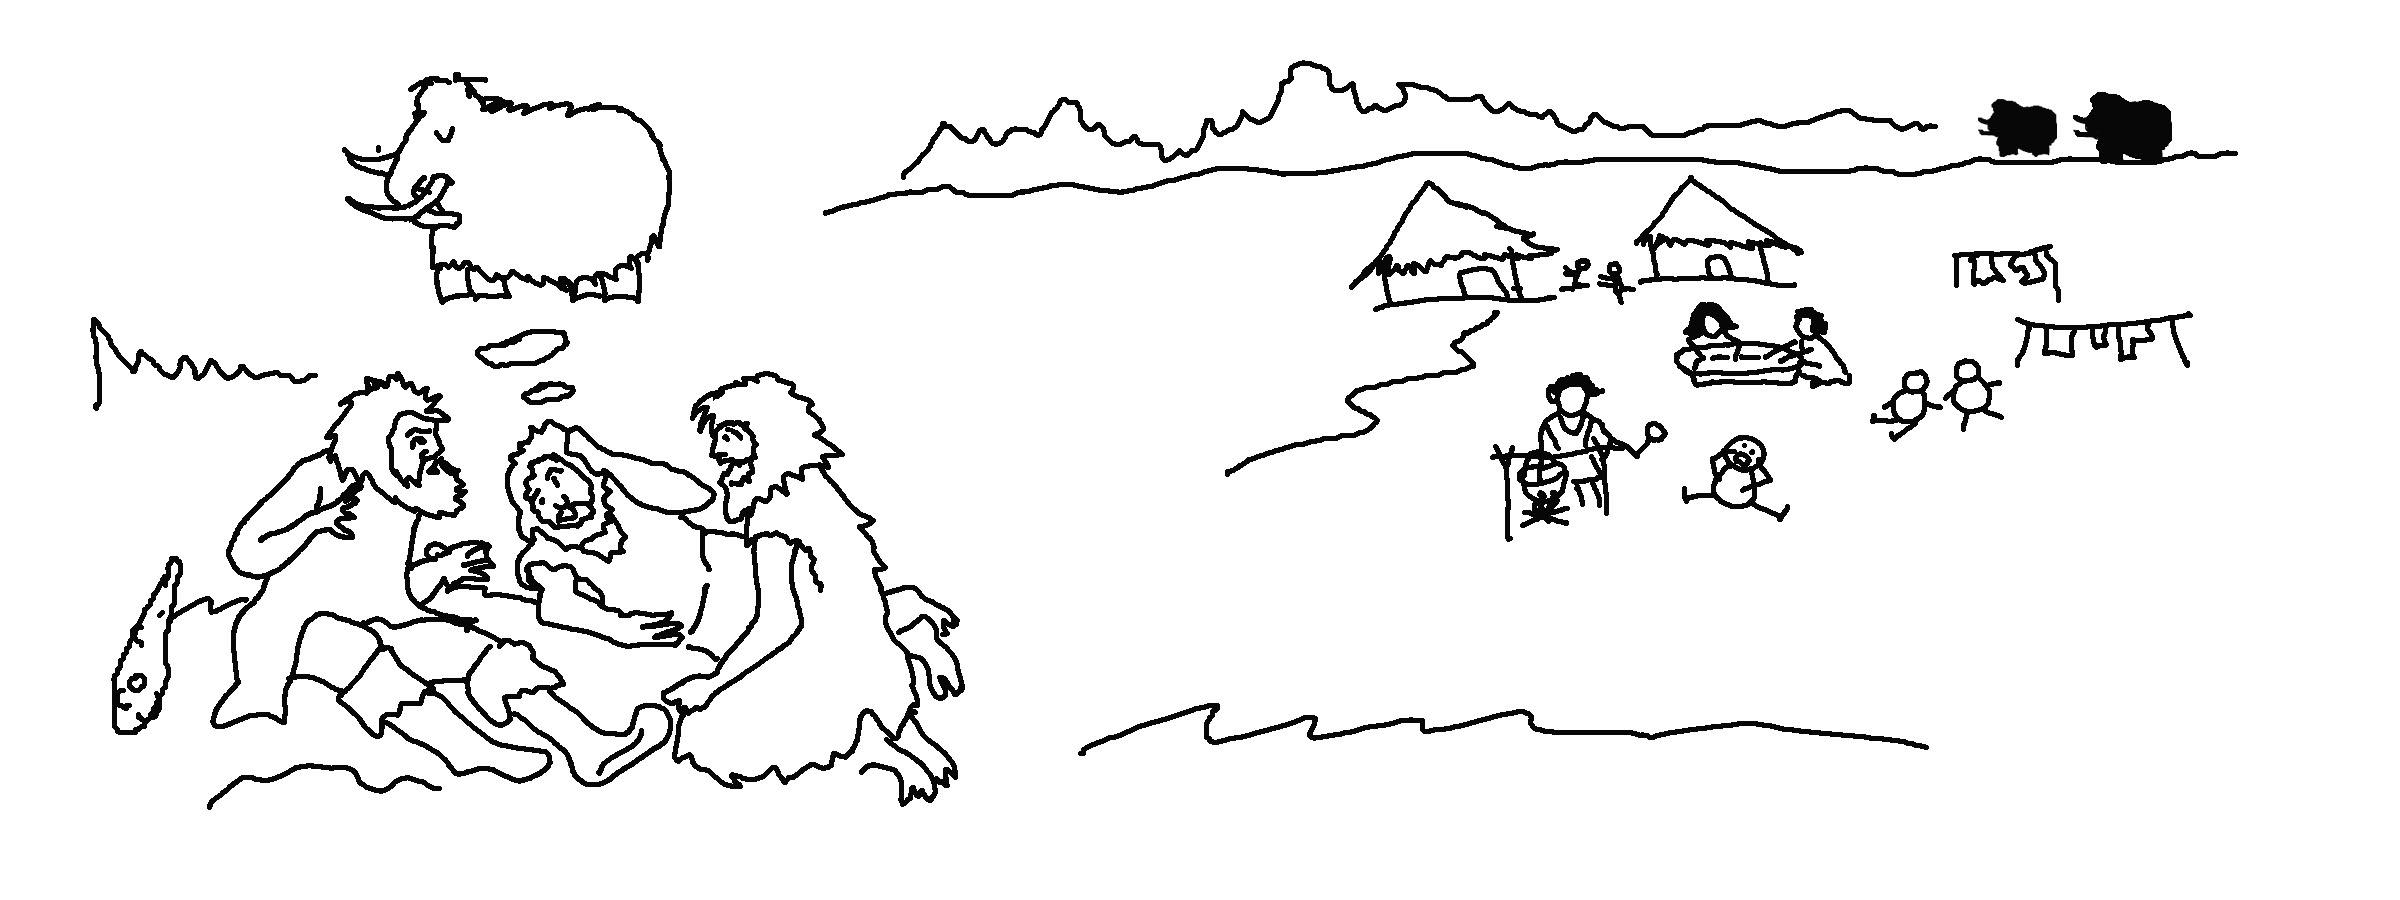 Парад невест. Глава 1.3. Другие формы брачных отношений. Сергей Недоруб.